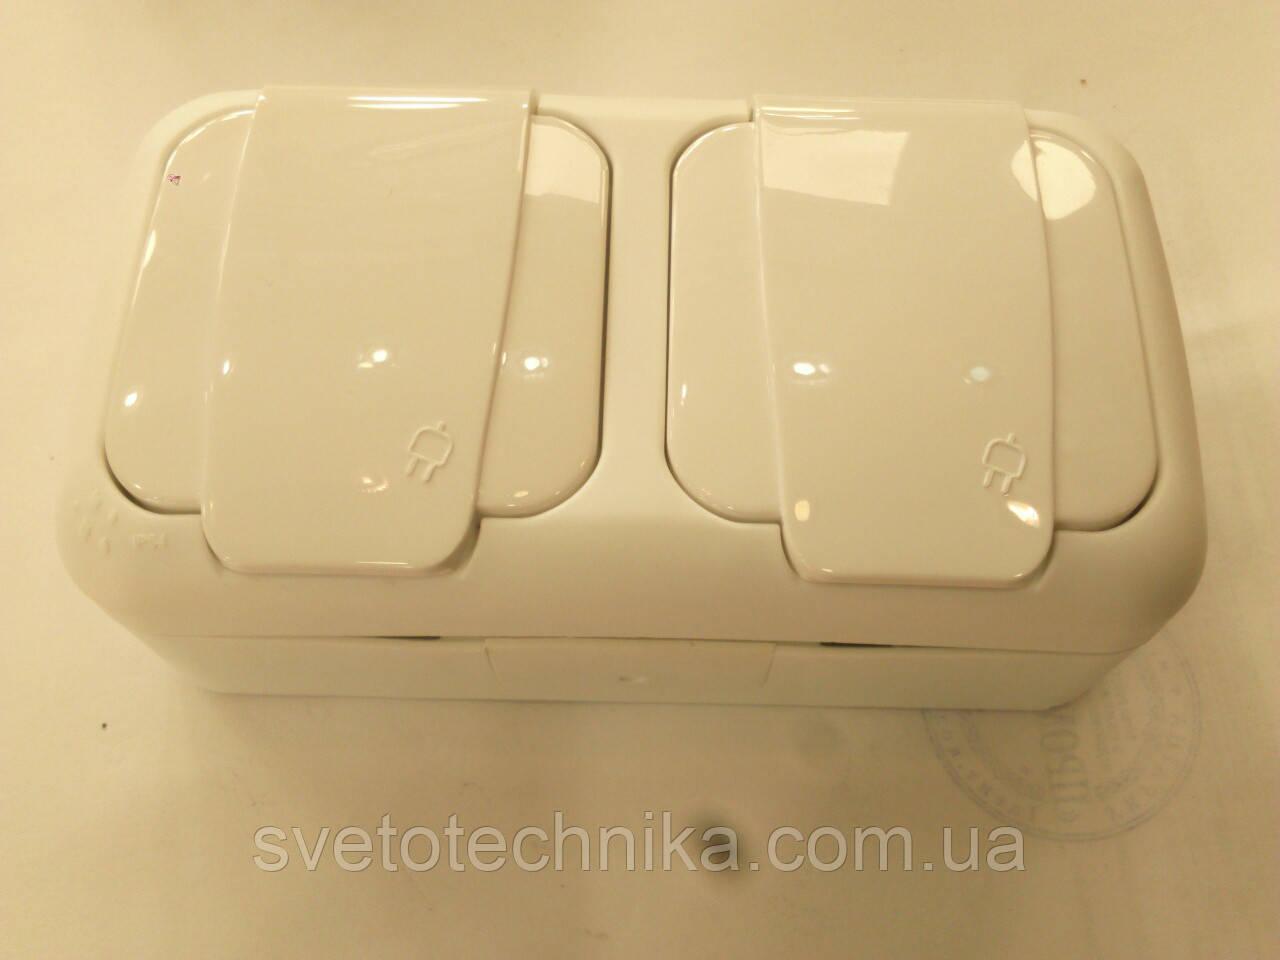 Розетка Palmiye двойная с заземлением  IP64  (серого цвета)